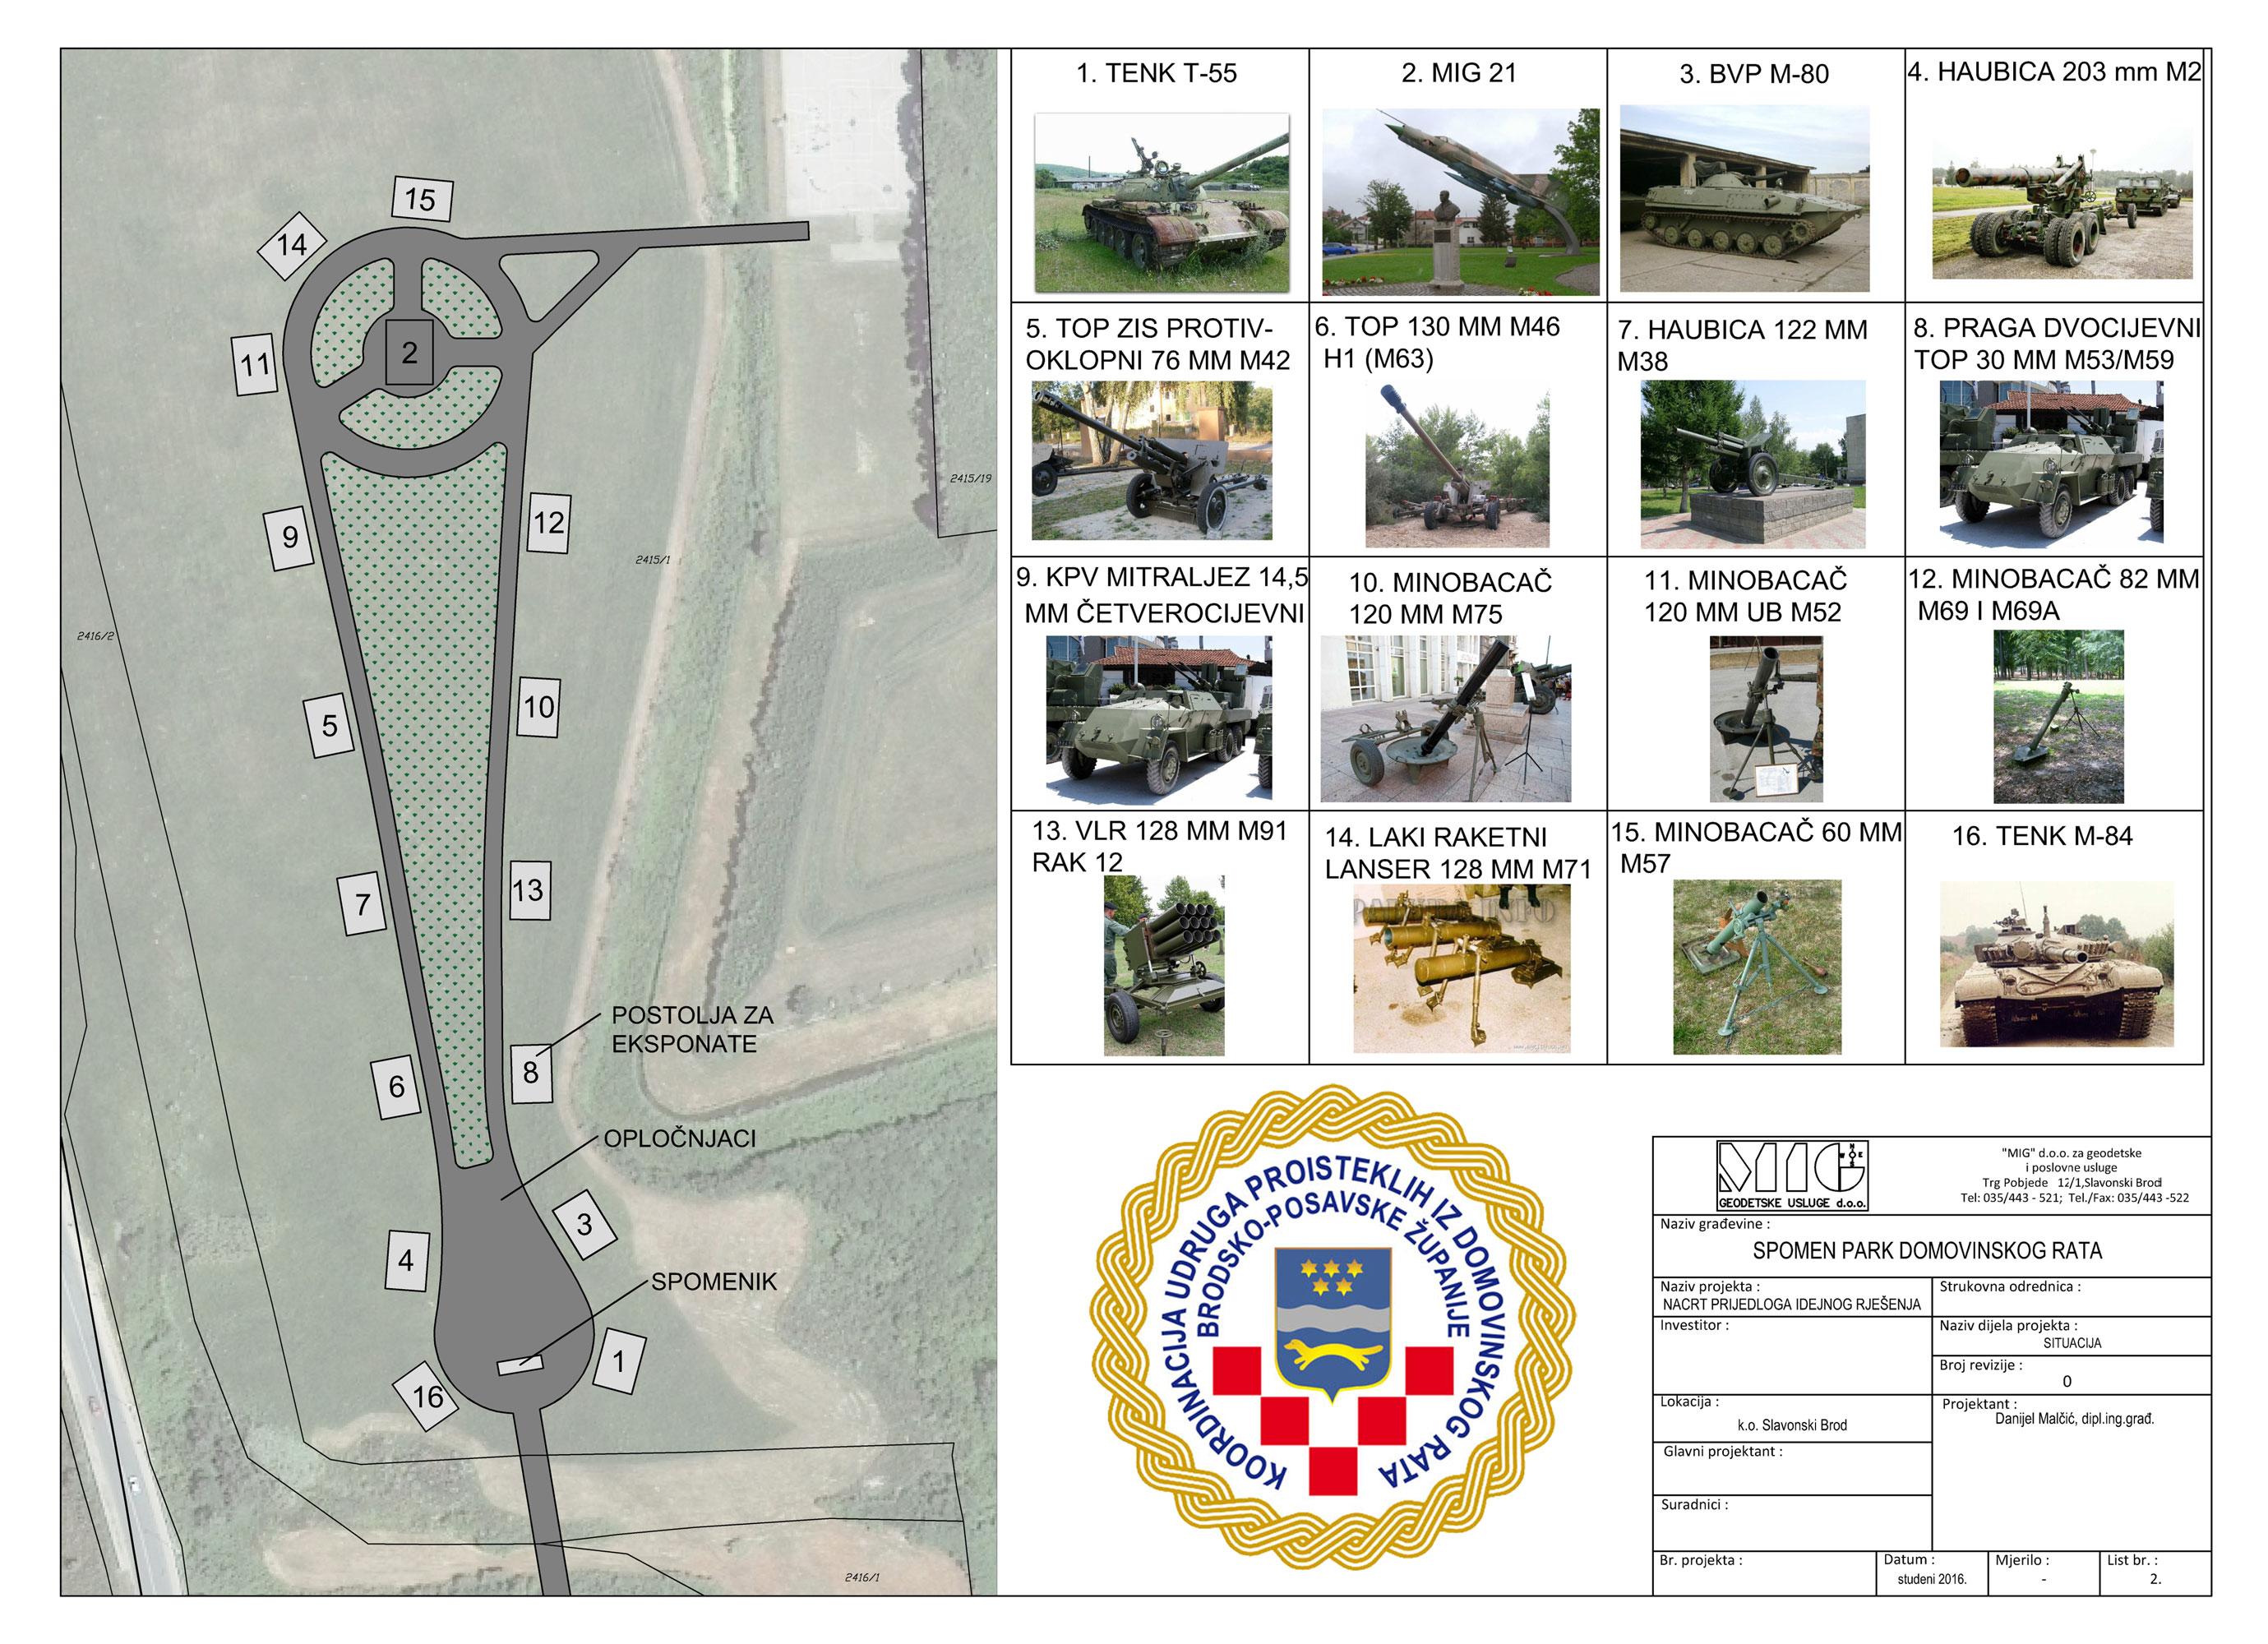 Uskoro u Slavonskom Brodu započinje izgradnja Spomen parka Domovinskog rata